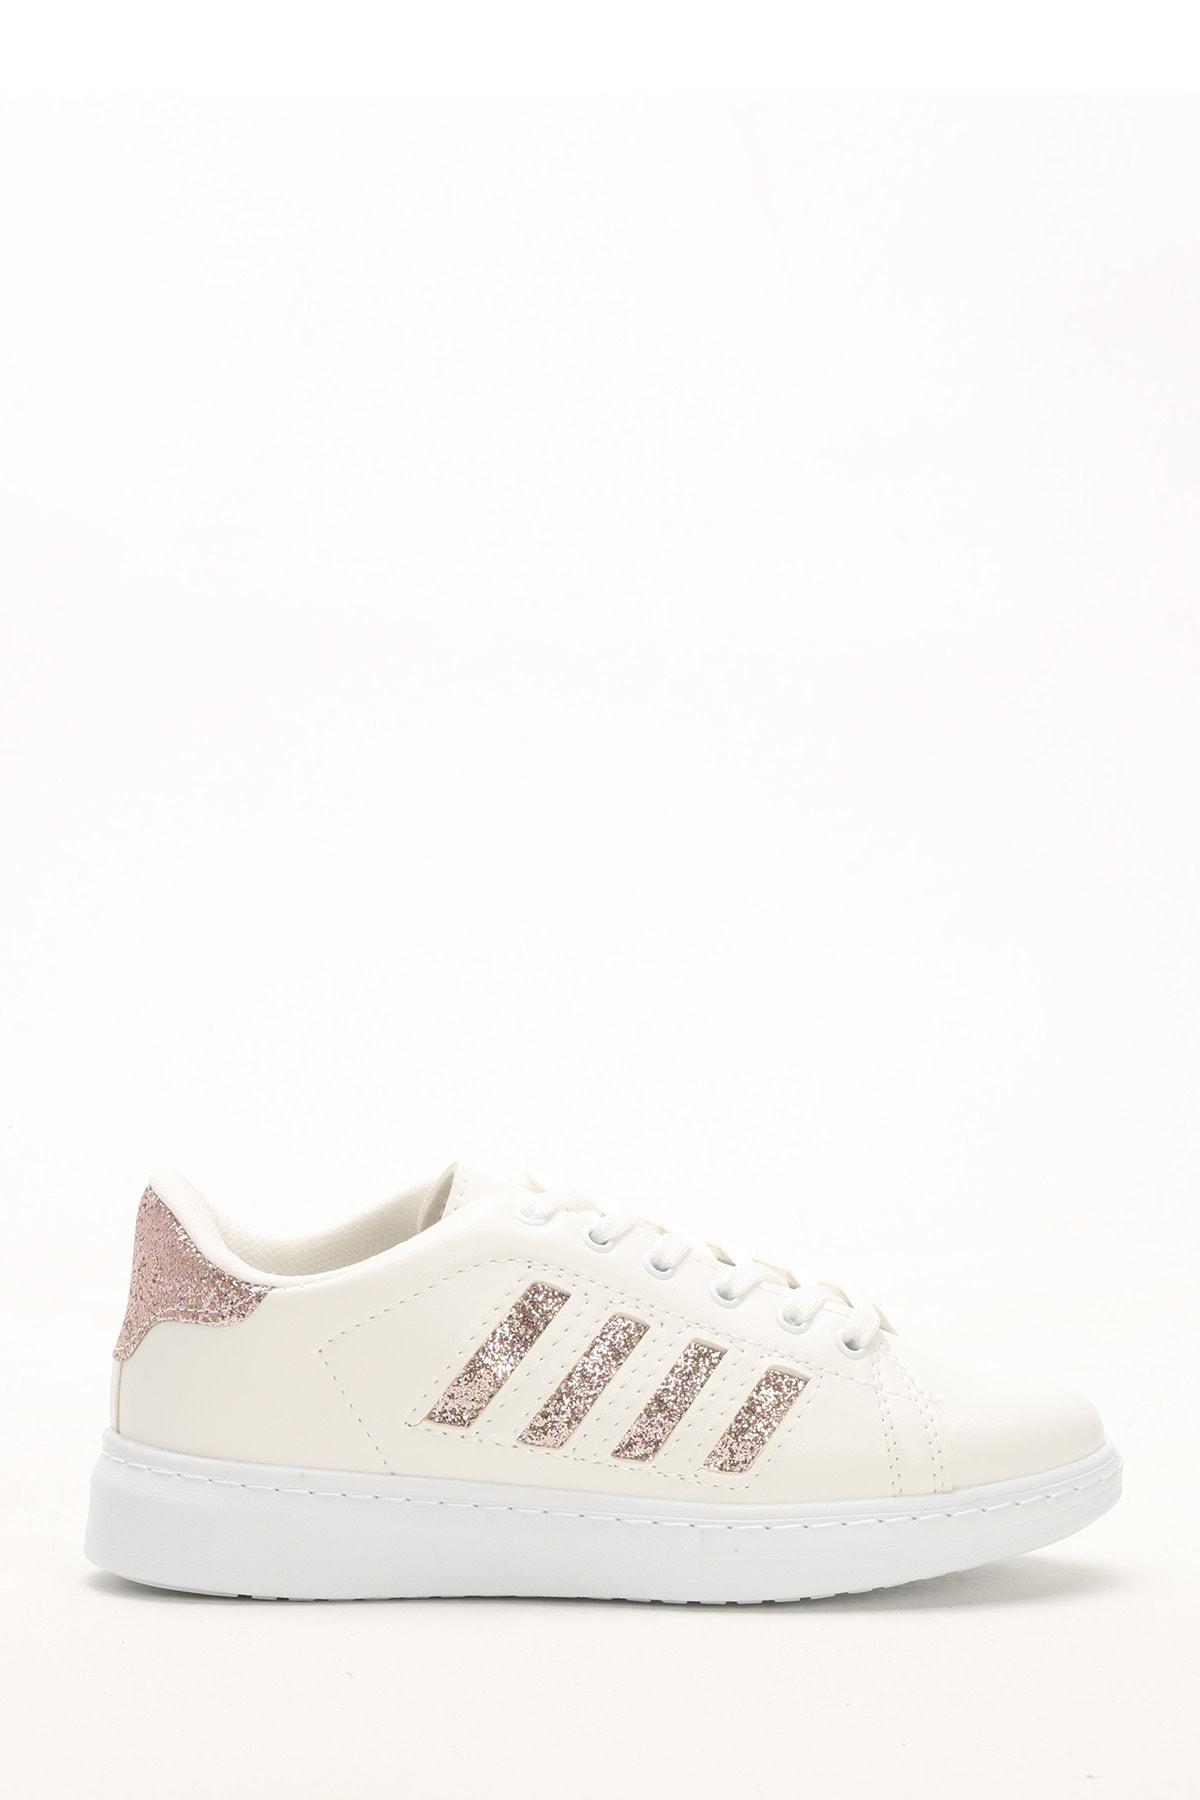 Ayakkabı Modası Beyaz-Bakır Kadın Sneaker BM-4000-19-101001